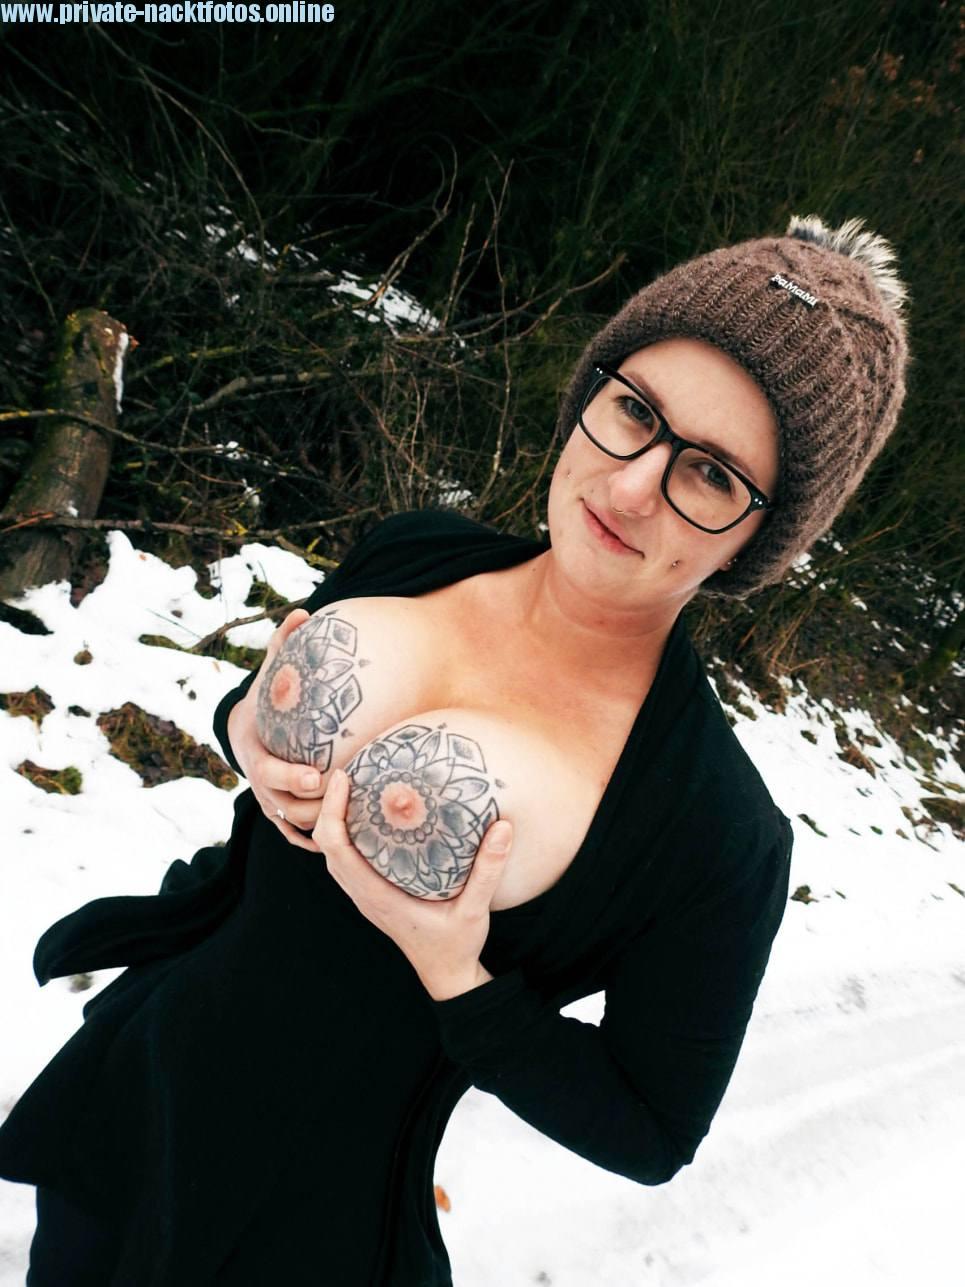 Winter Nacktfoto Titten Mit Tattoos Amateur Bild